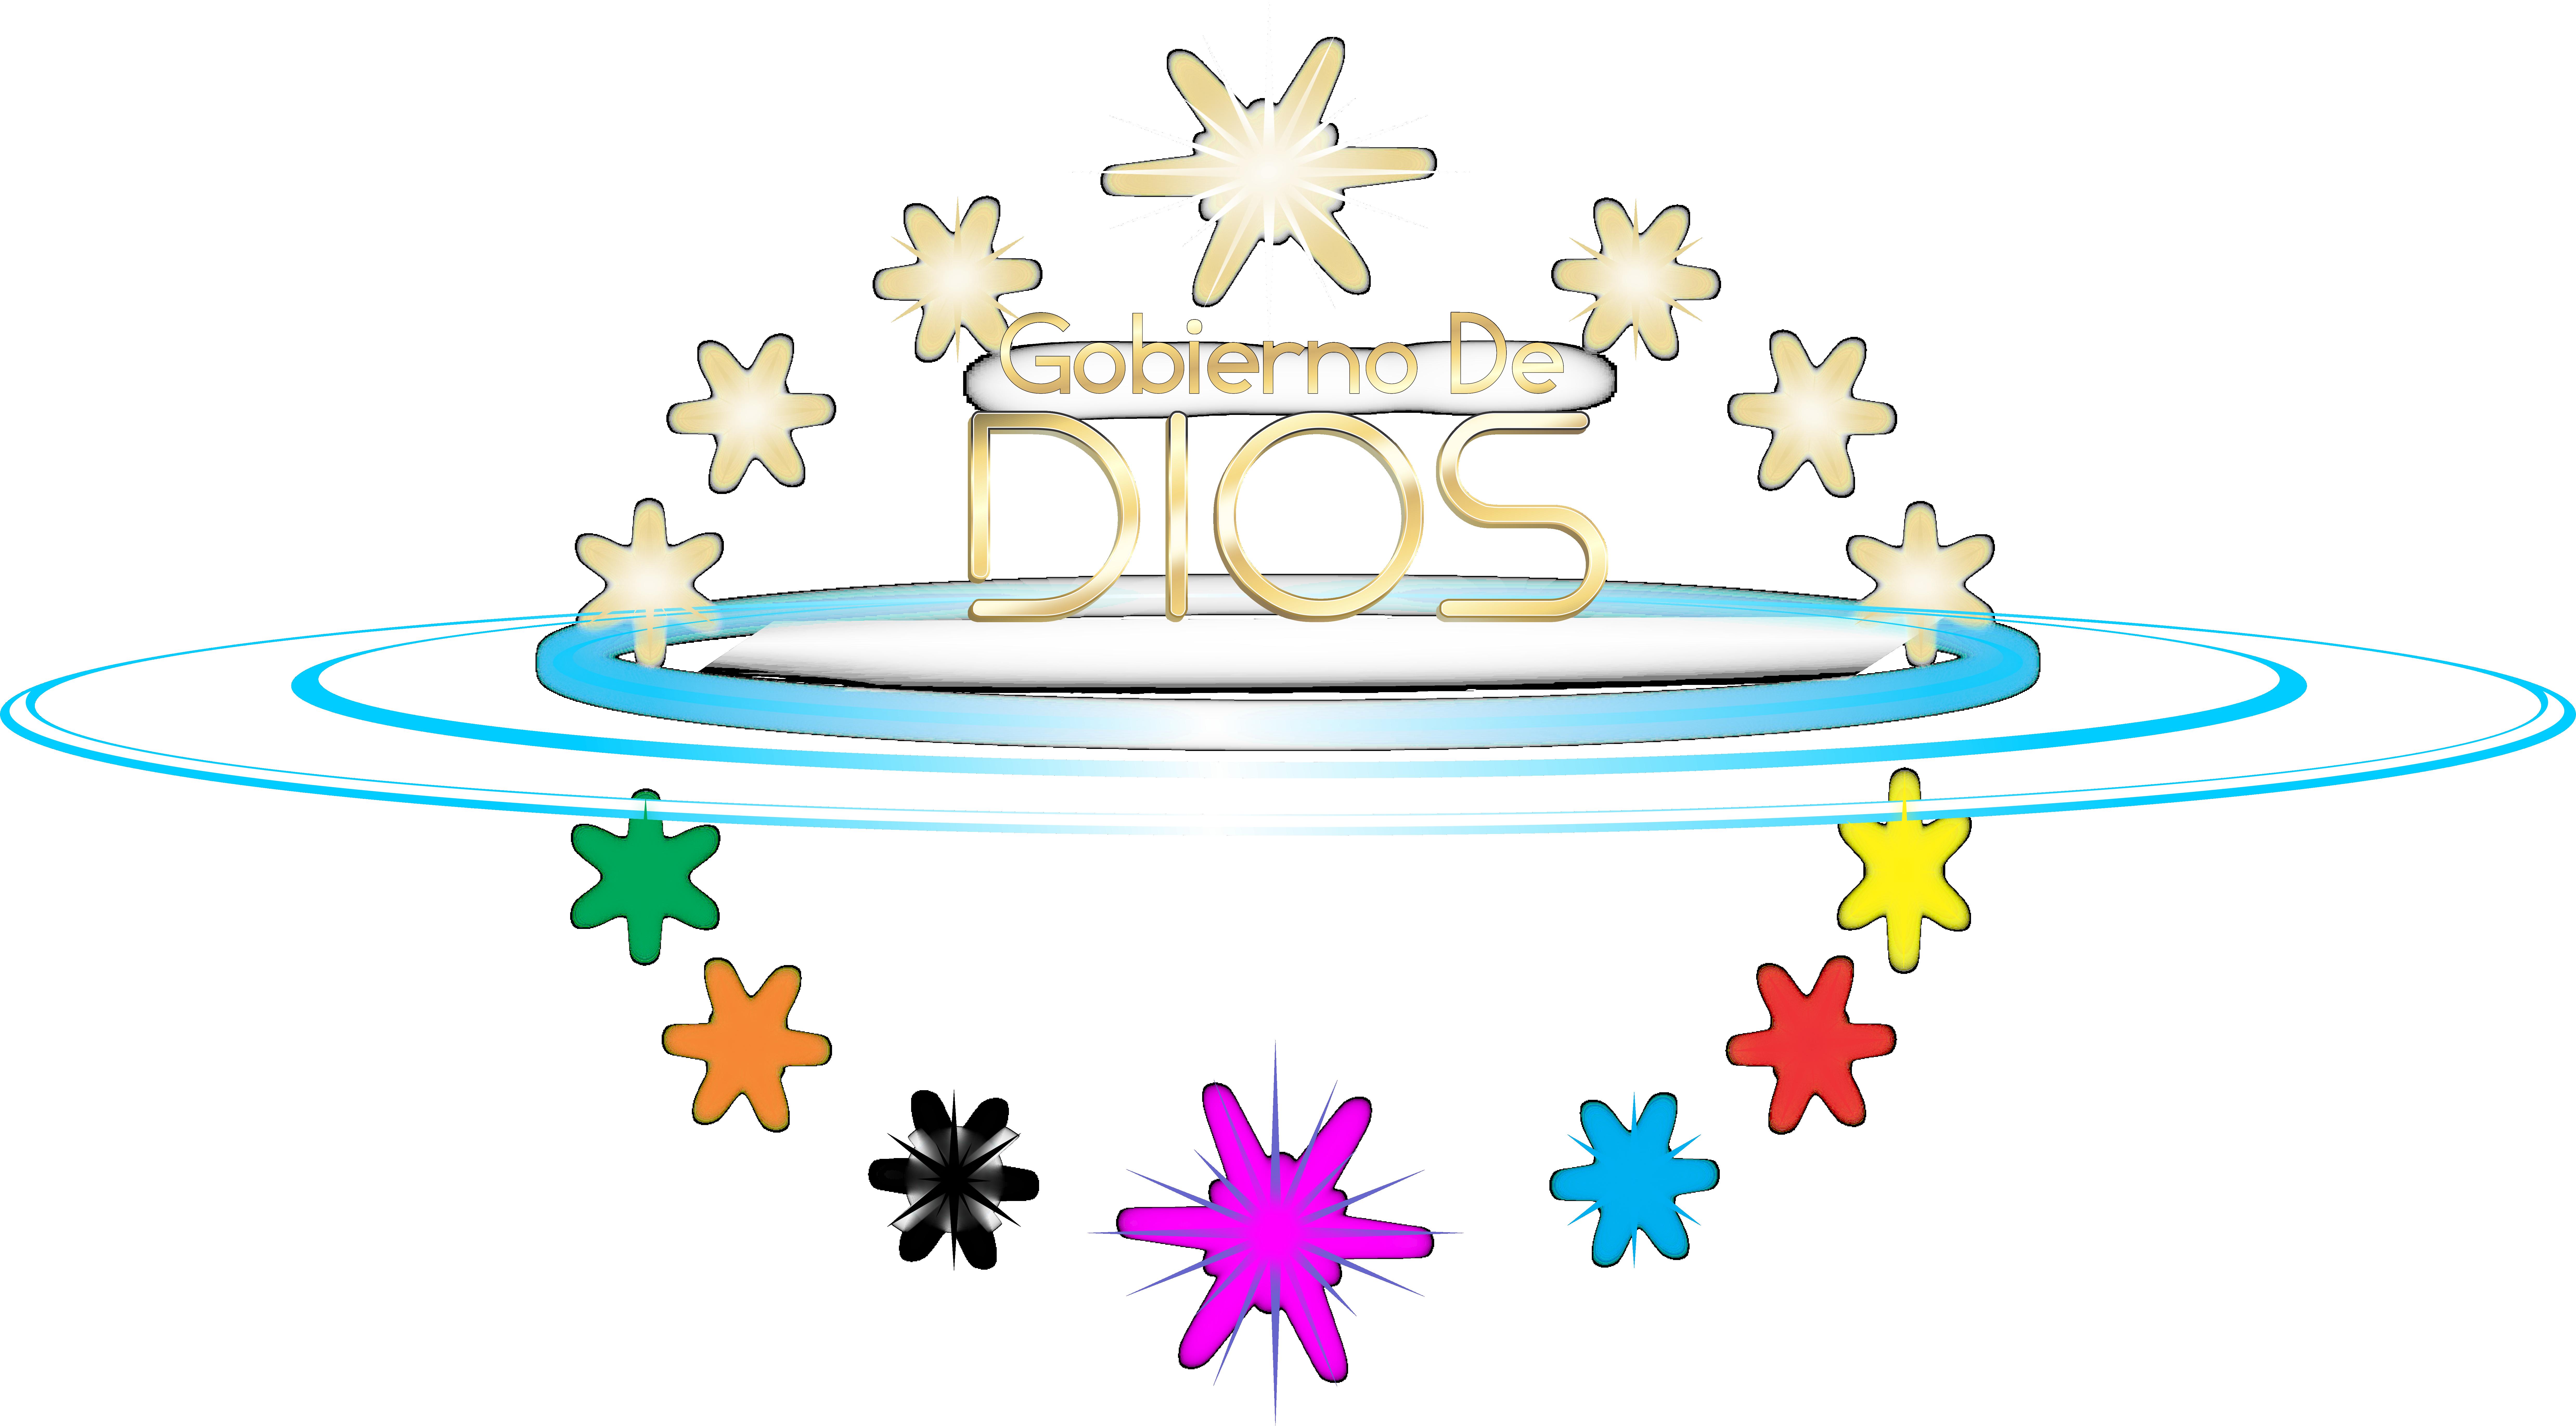 GOBIERNO DE DIOS. INC